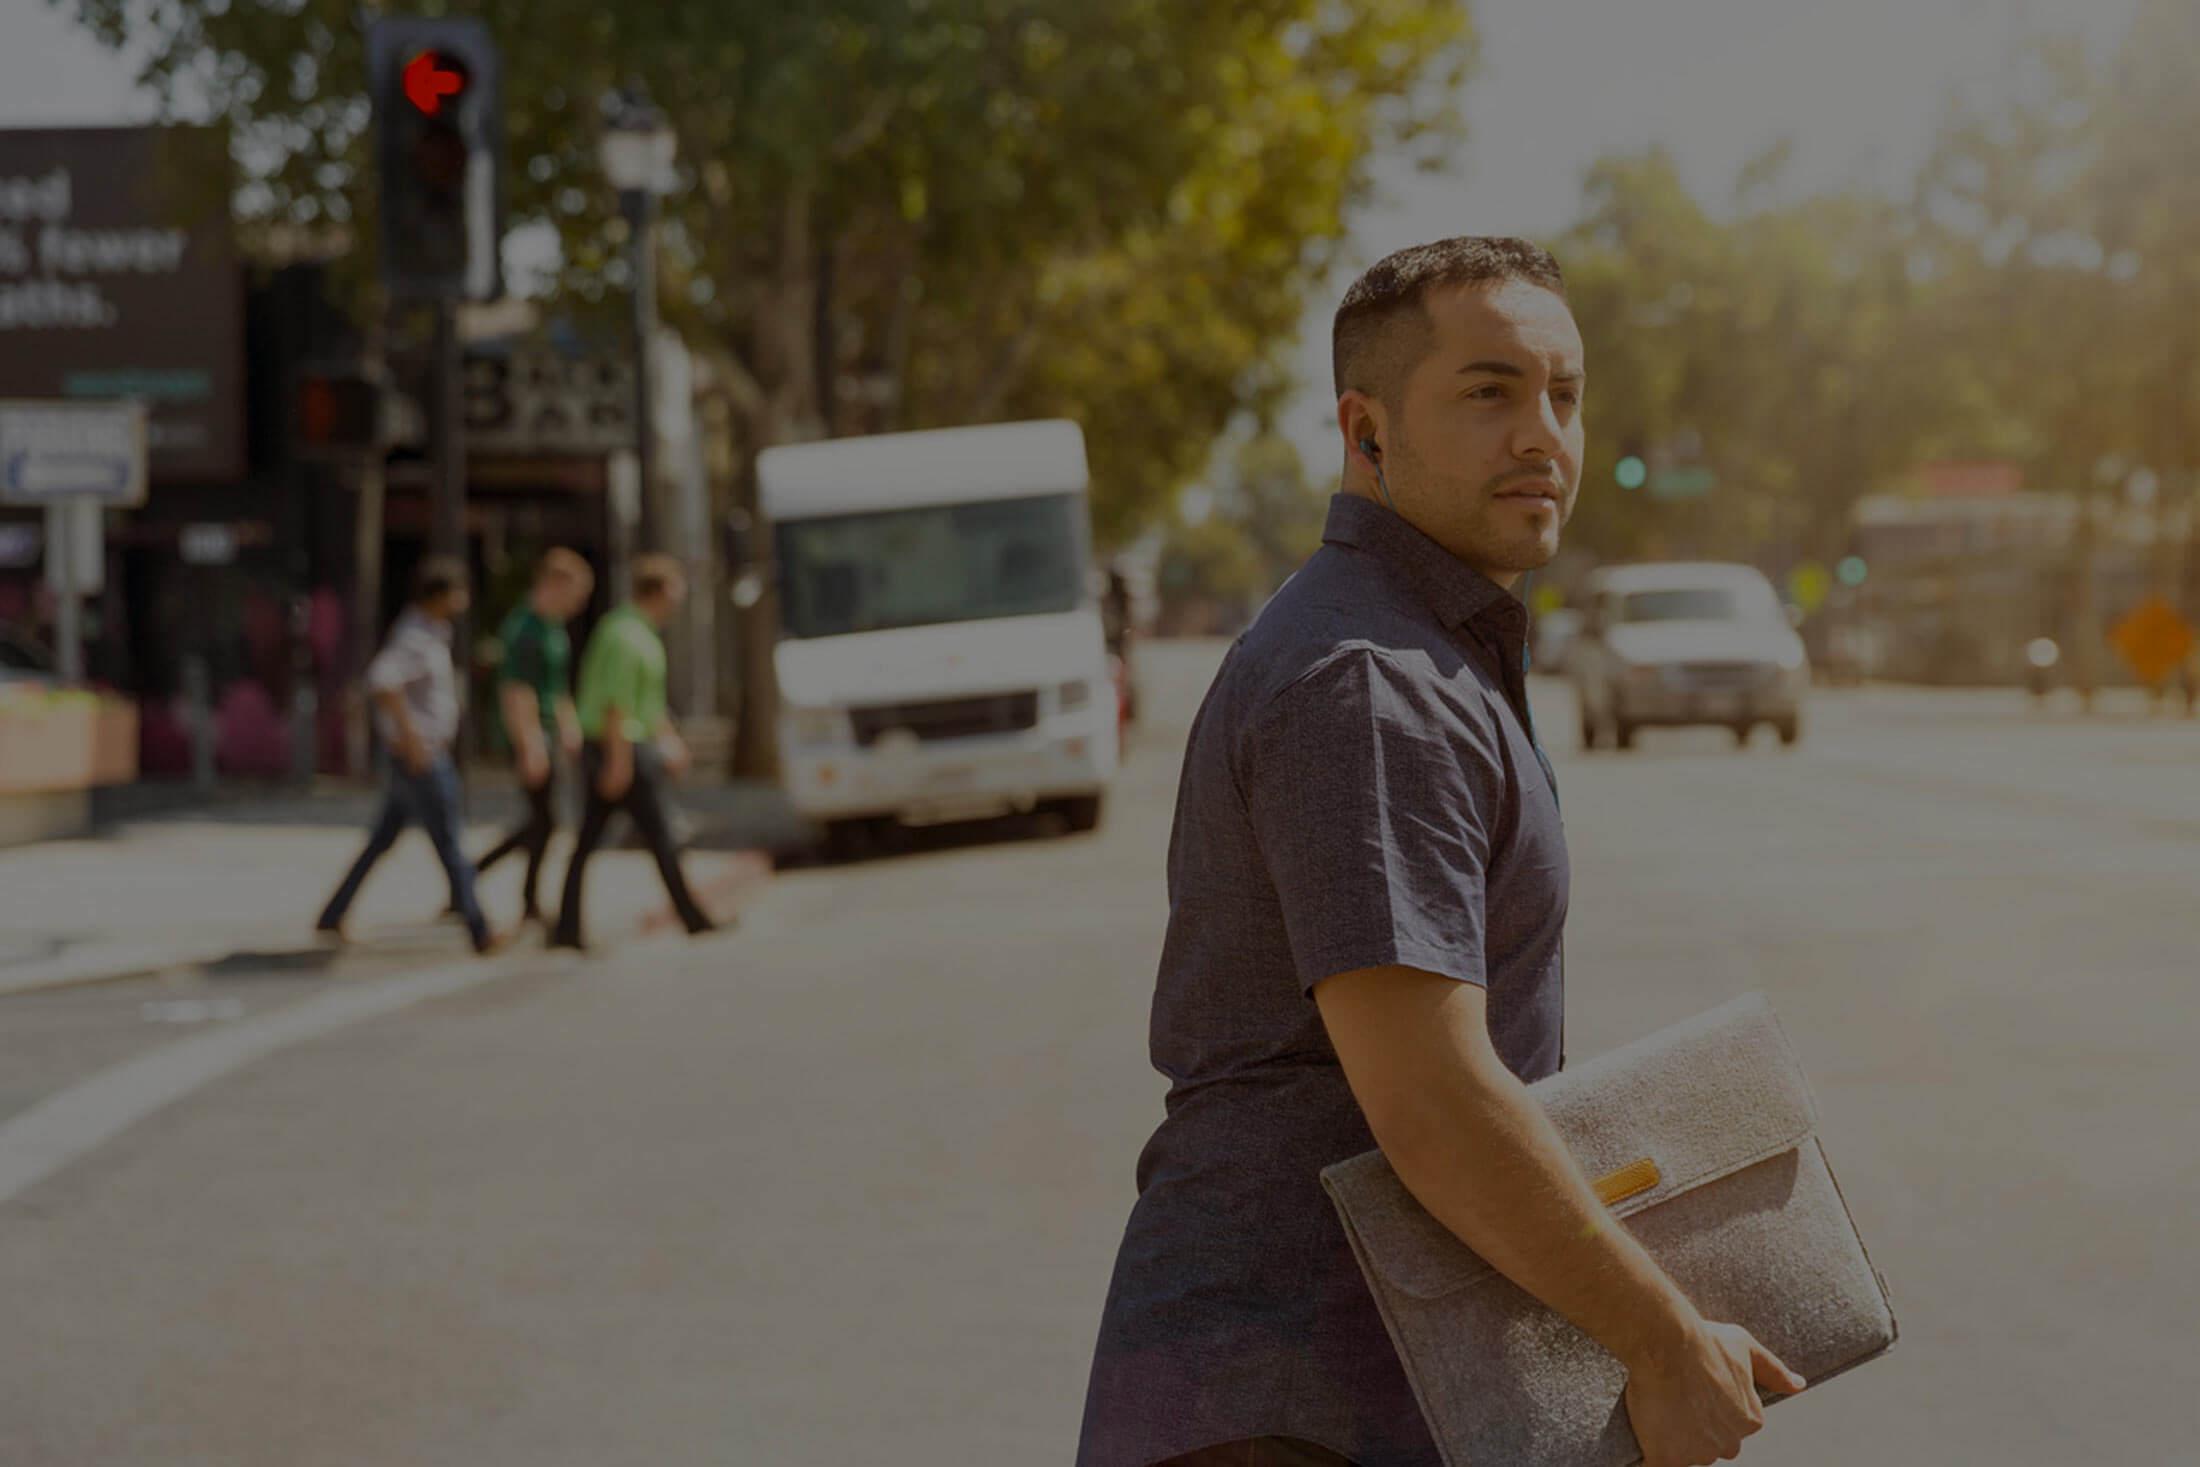 Pole emploi - offre emploi Téléconseiller à lisbonne (H/F) - Lisbonne